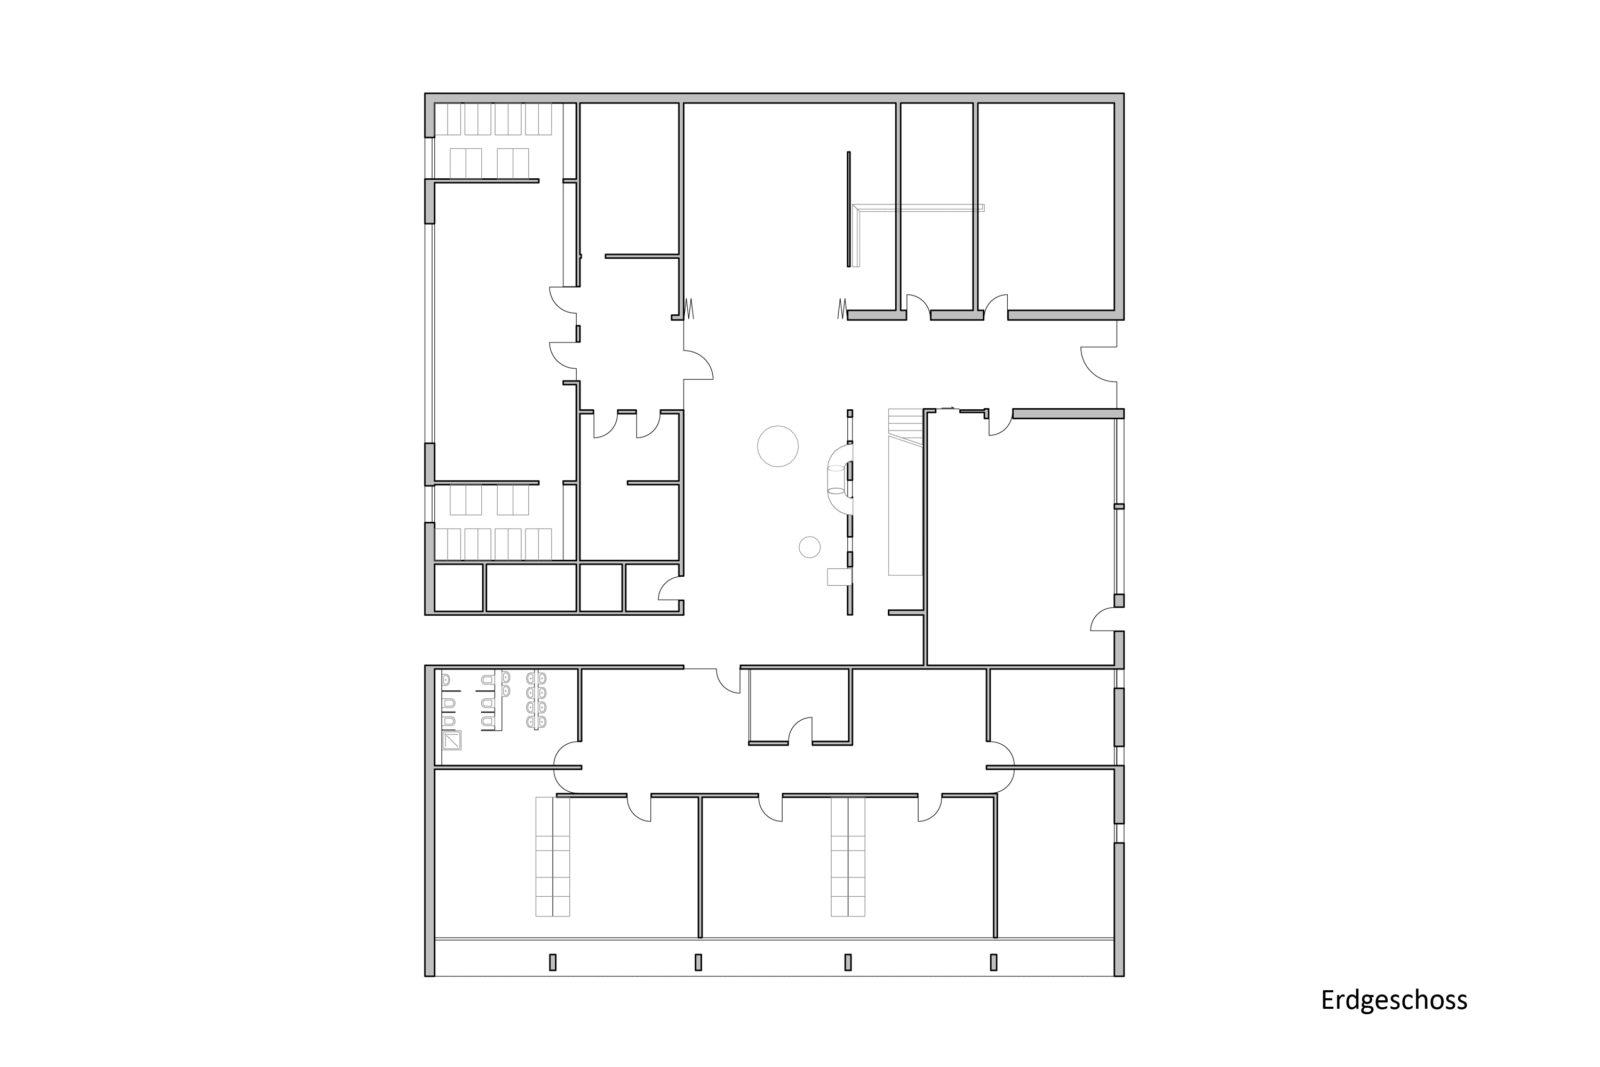 Wettbewerb Kinderhaus Struppen - Erdgeschoss